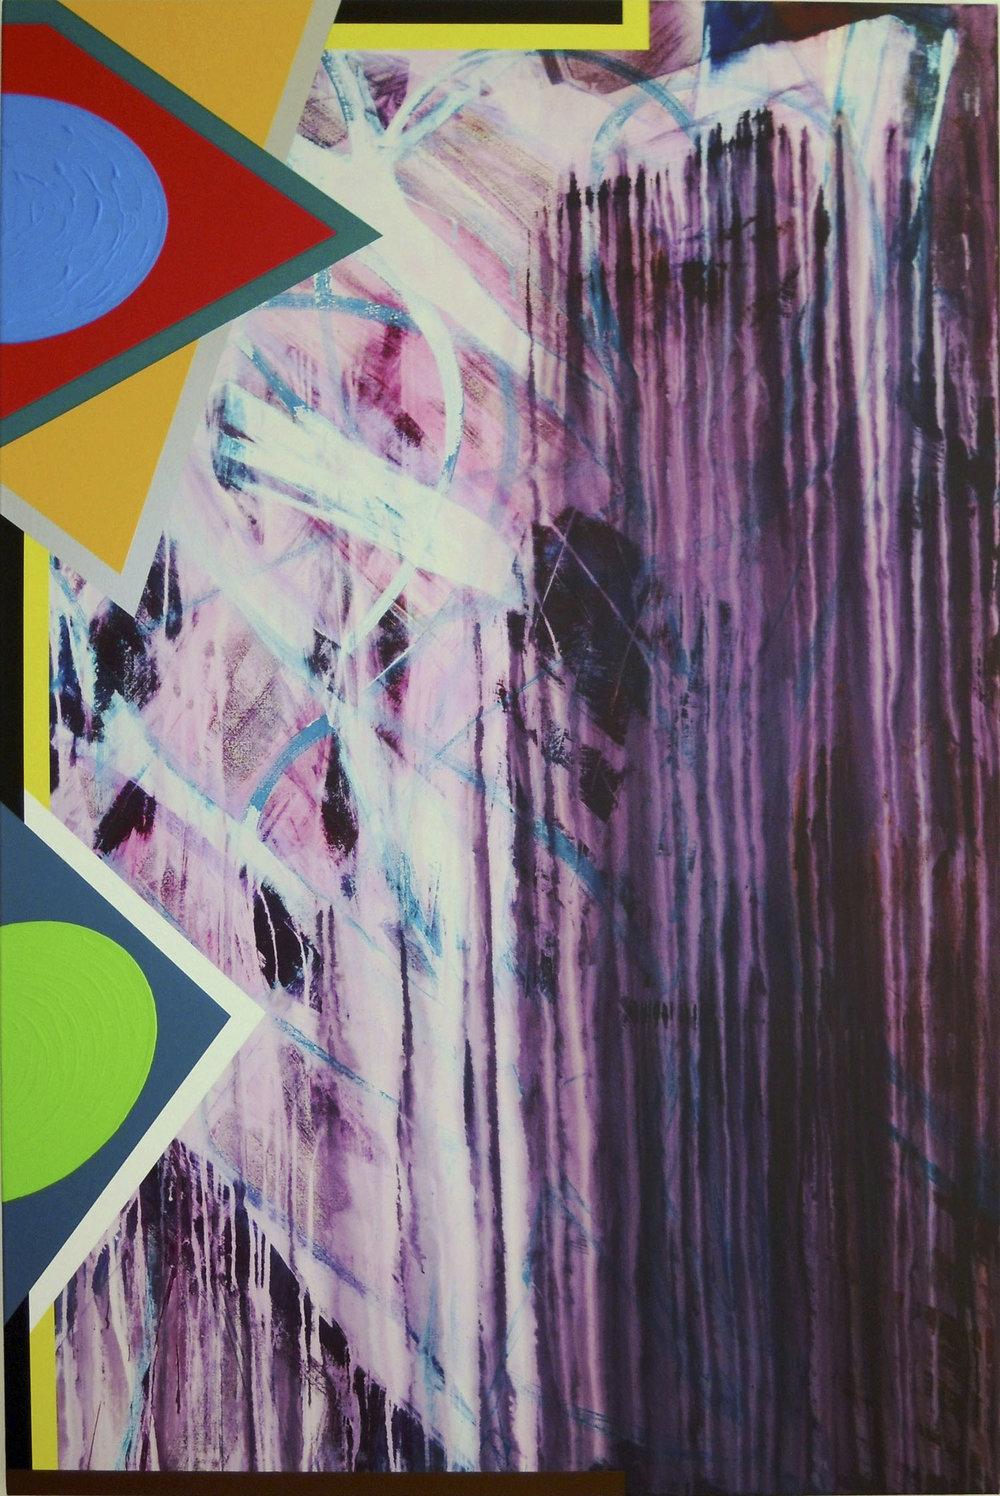 Bild-120 | Acryl auf Leinwand | 2010 | 180 x 120 cm